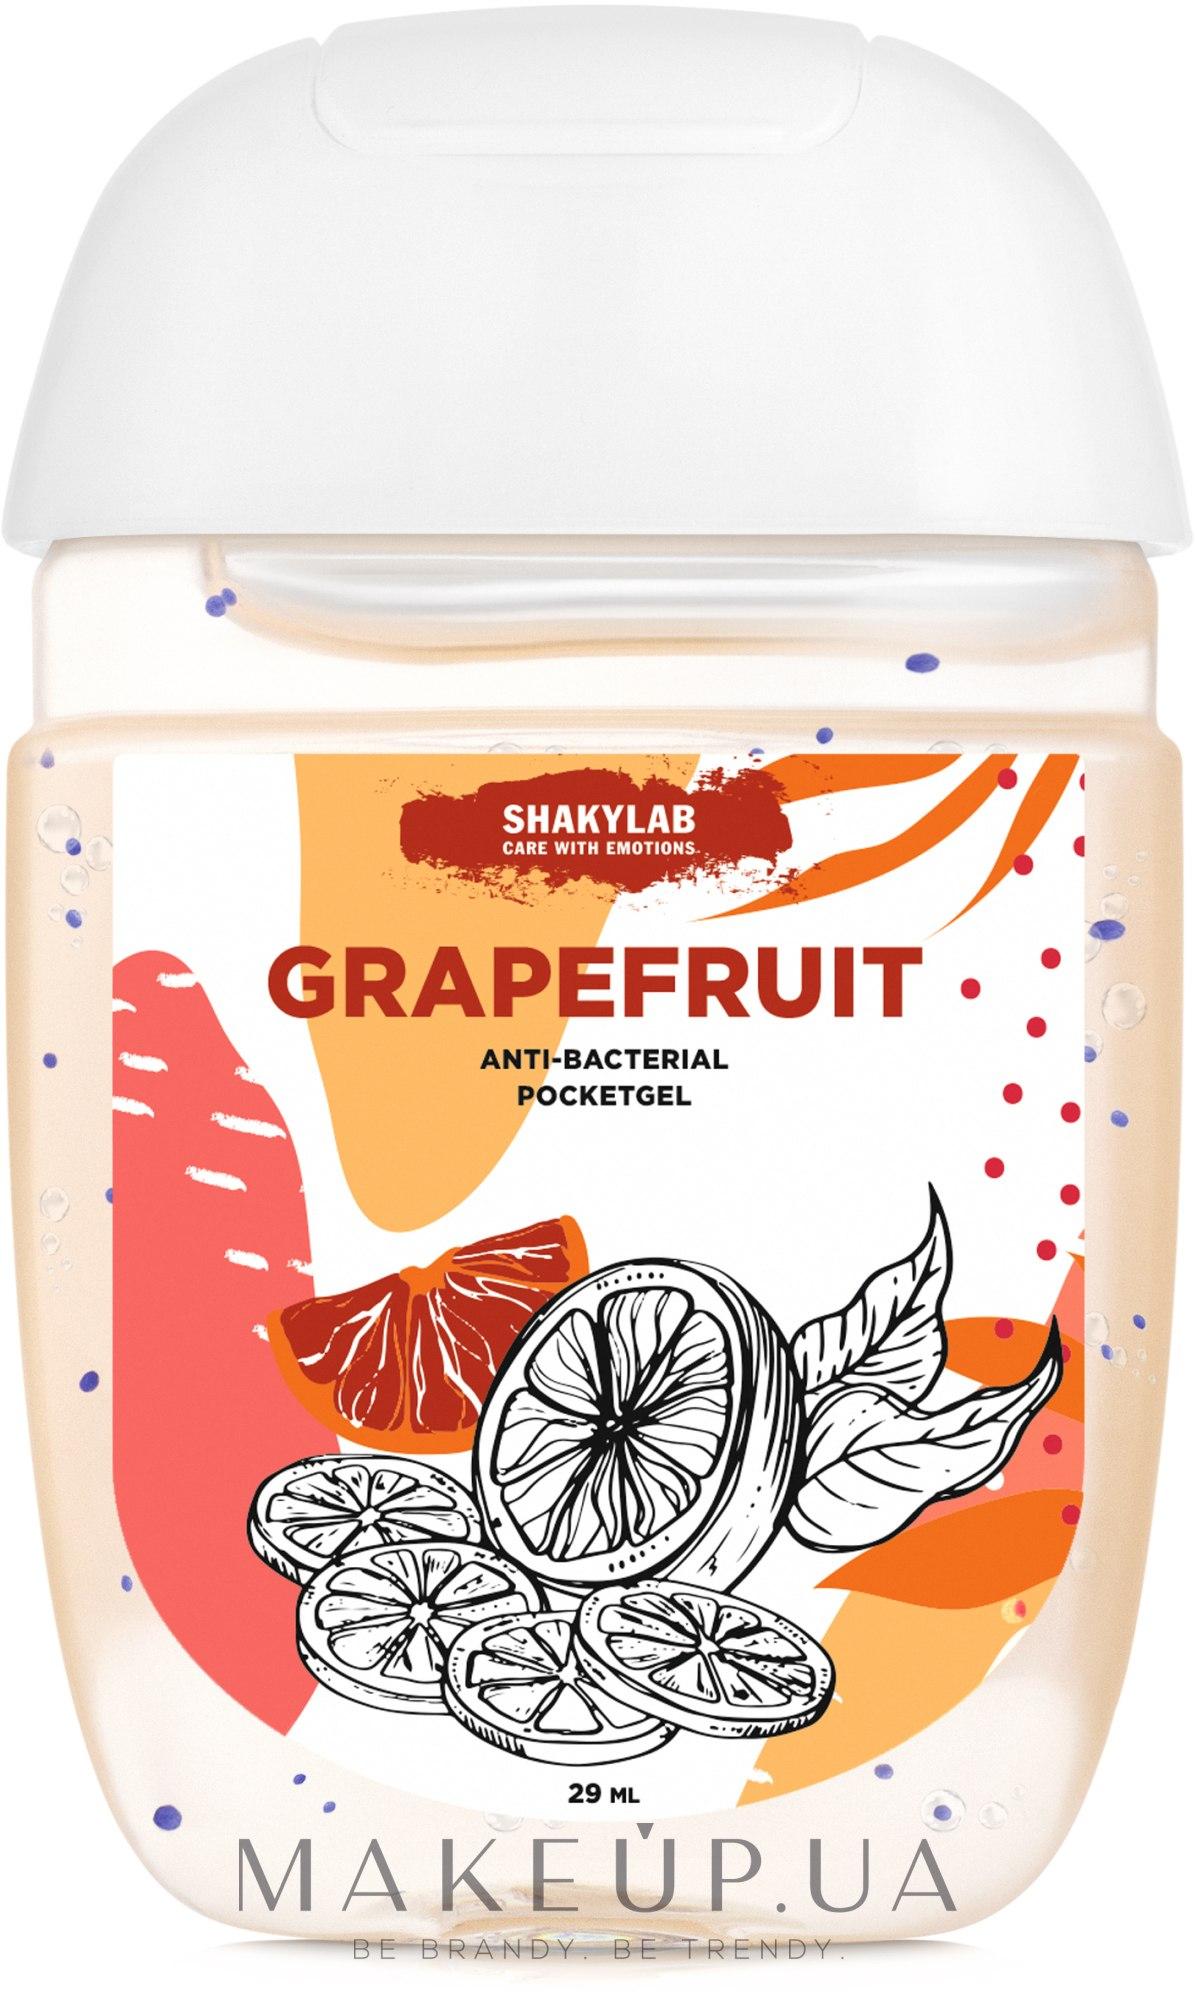 """Антибактериальный гель для рук """"Grapefruit"""" - SHAKYLAB Anti-Bacterial Pocket Gel — фото 29ml"""